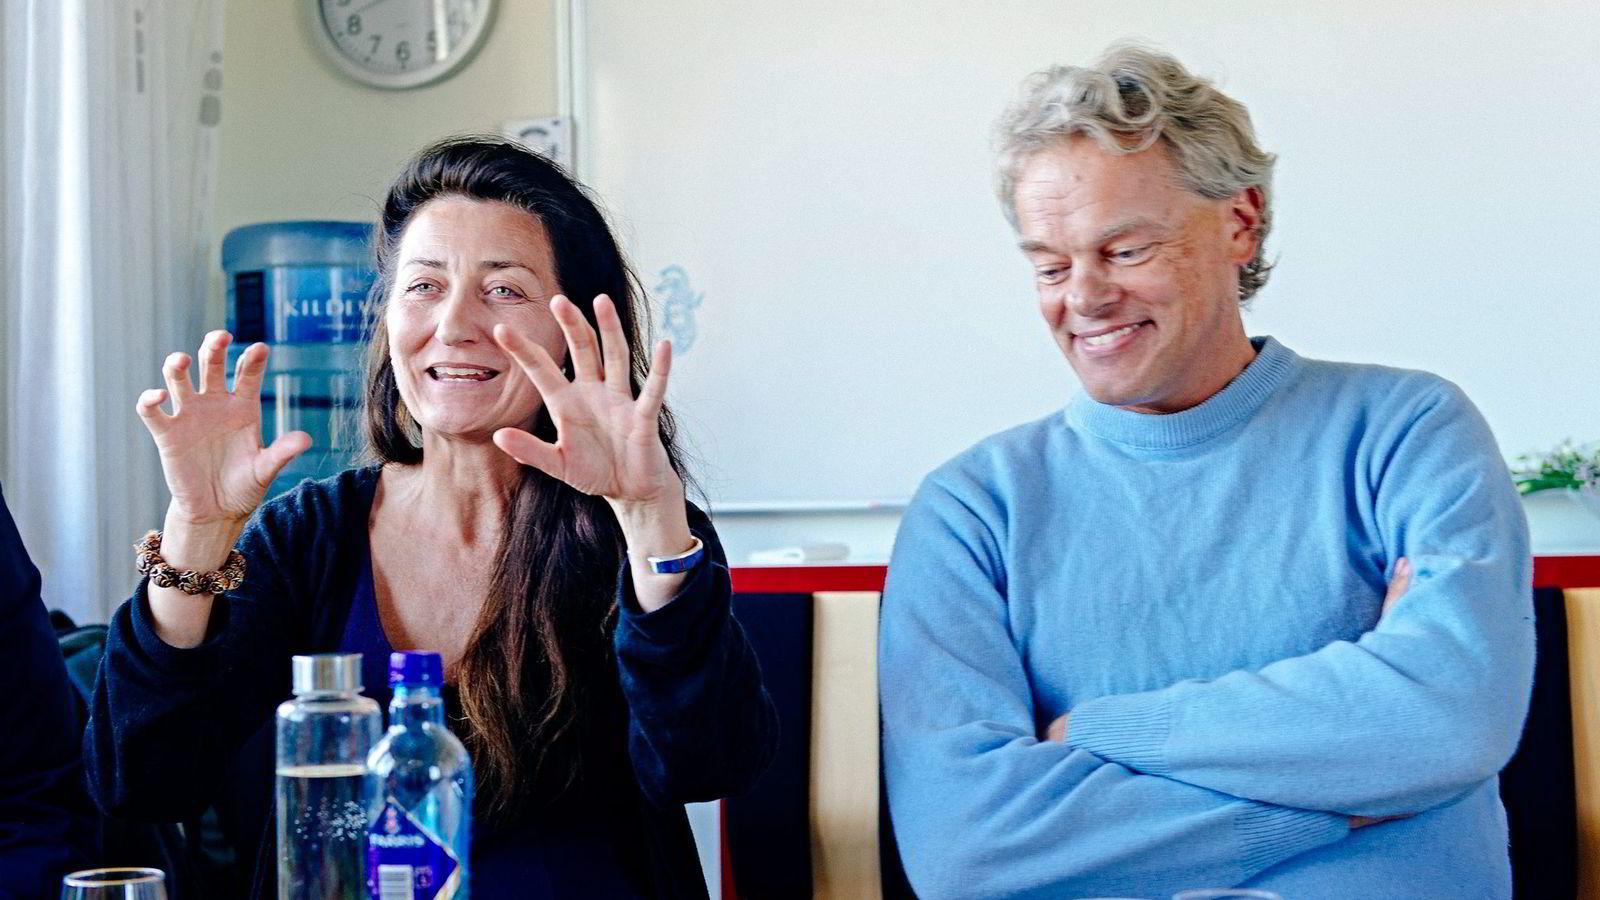 Med gaven på 100 millioner kroner kan nobelprisvinnerne May-Britt og Edvard Moser utvide hjerneforskningen til også å gjelde andre deler enn stedsans.